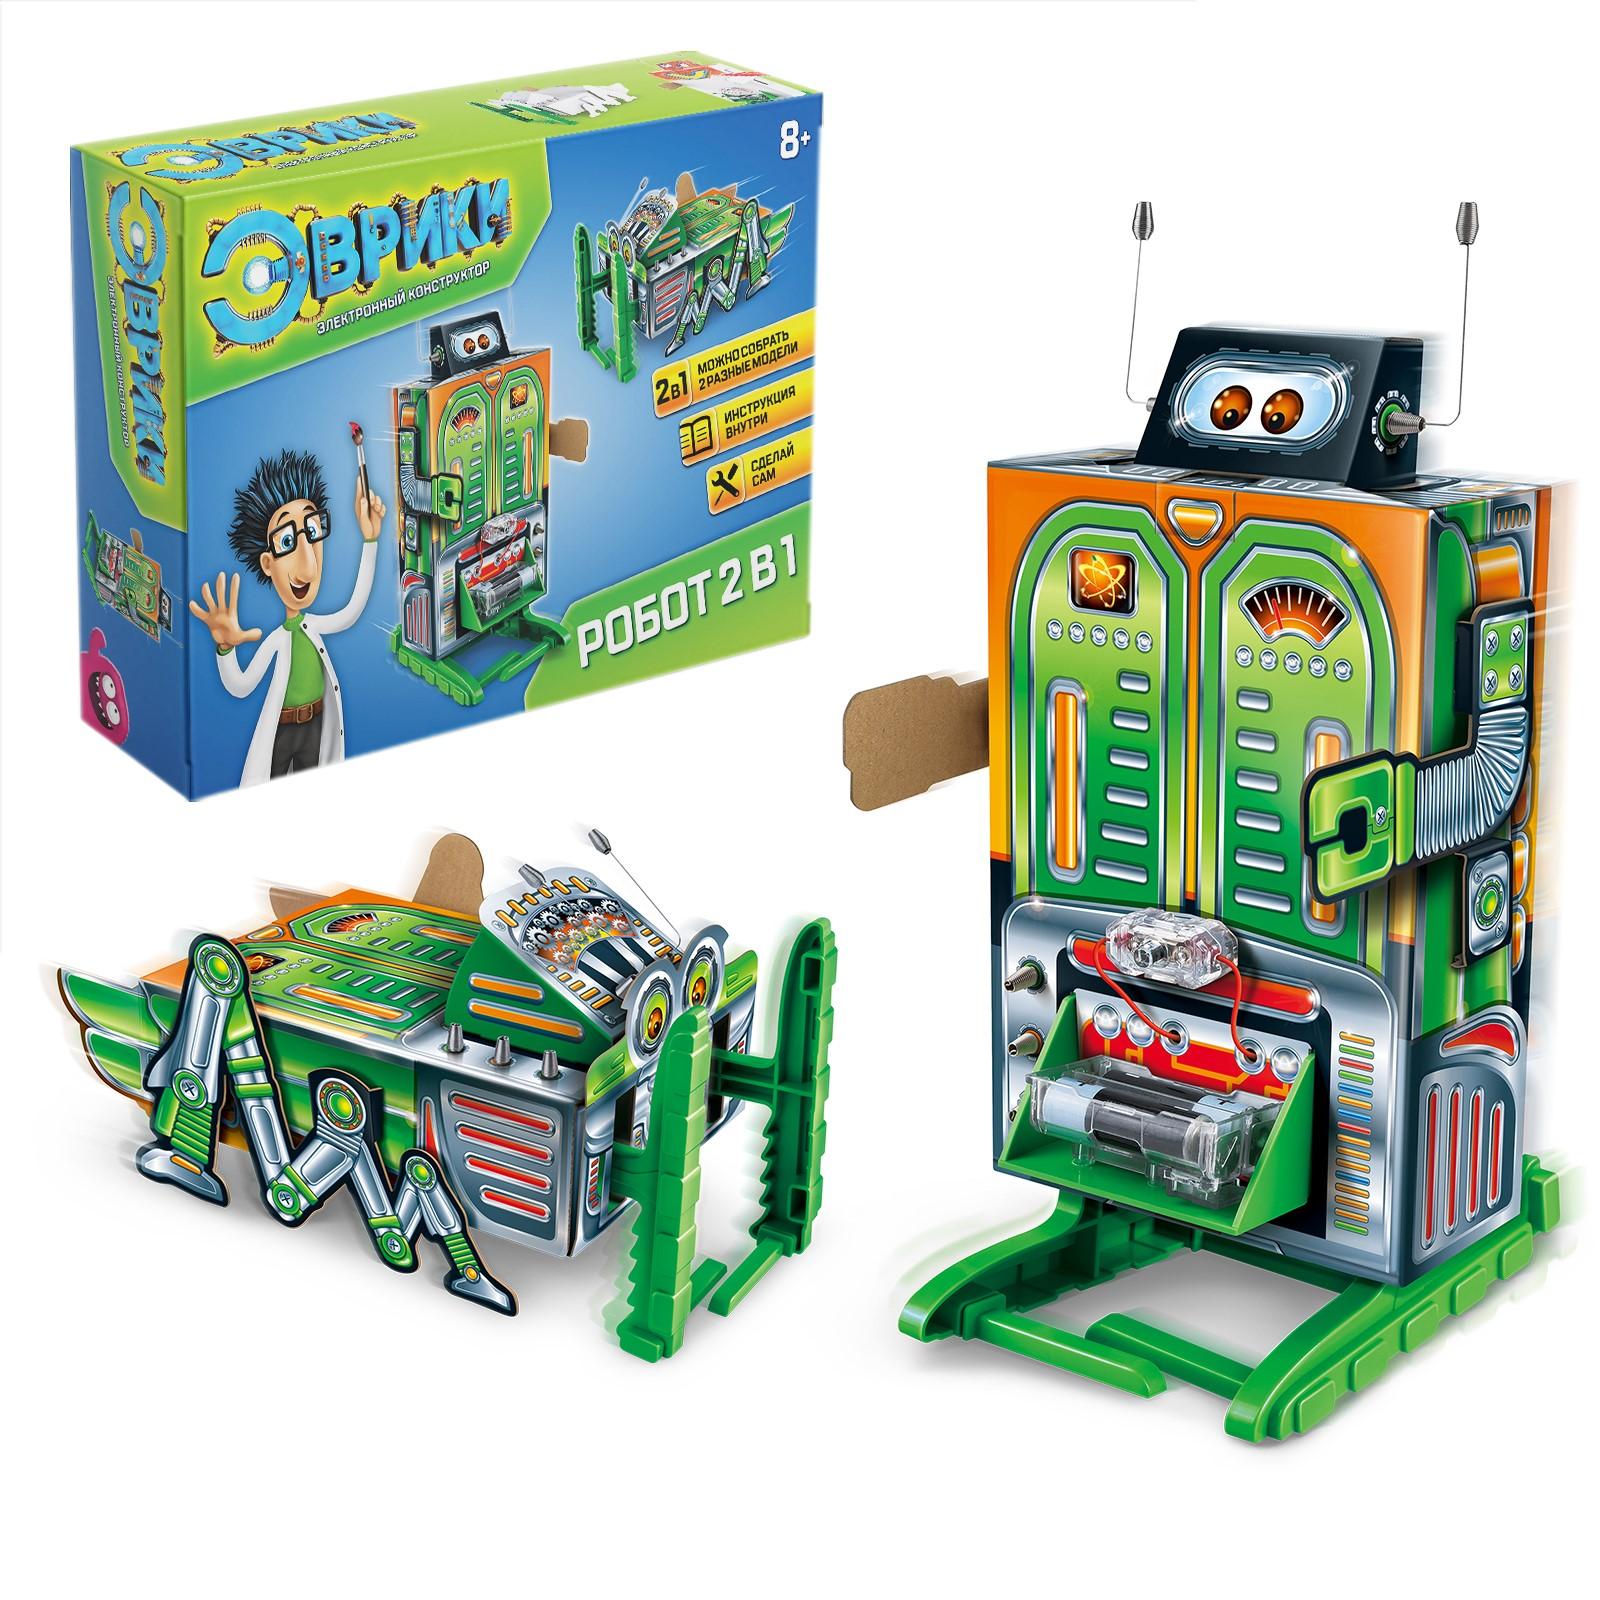 Робот 2 в 1